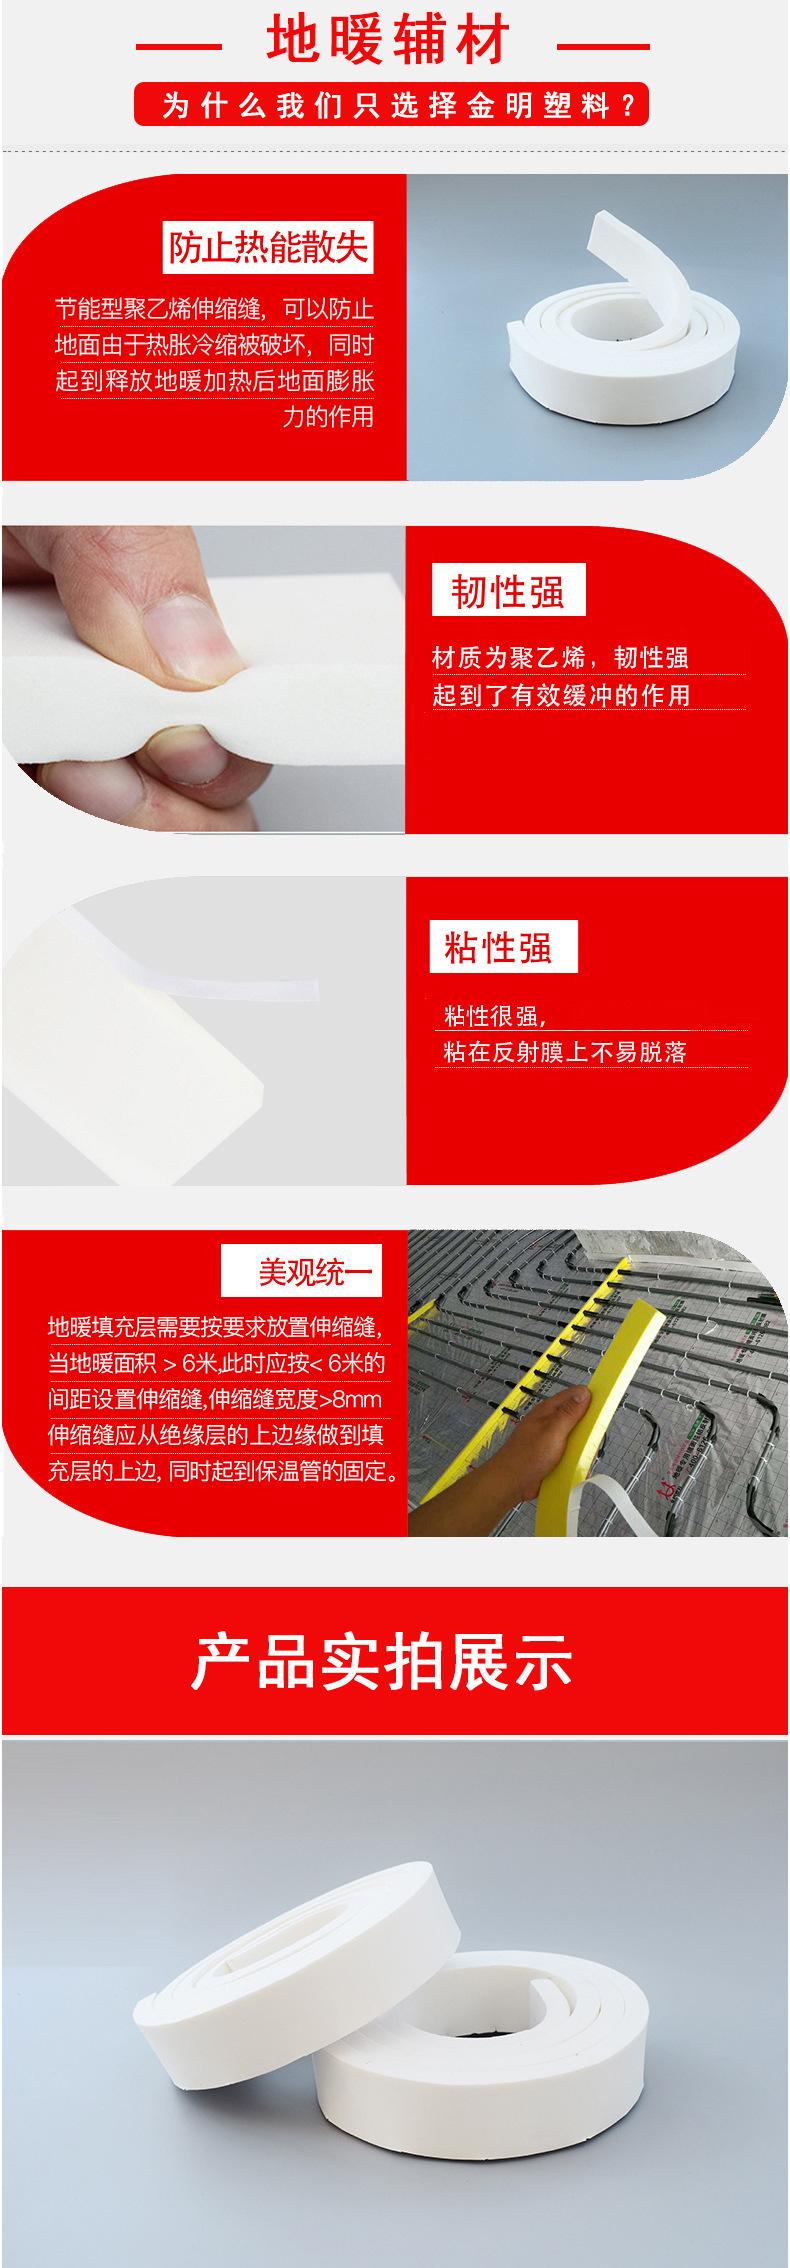 金明伸縮縫 (2).jpg